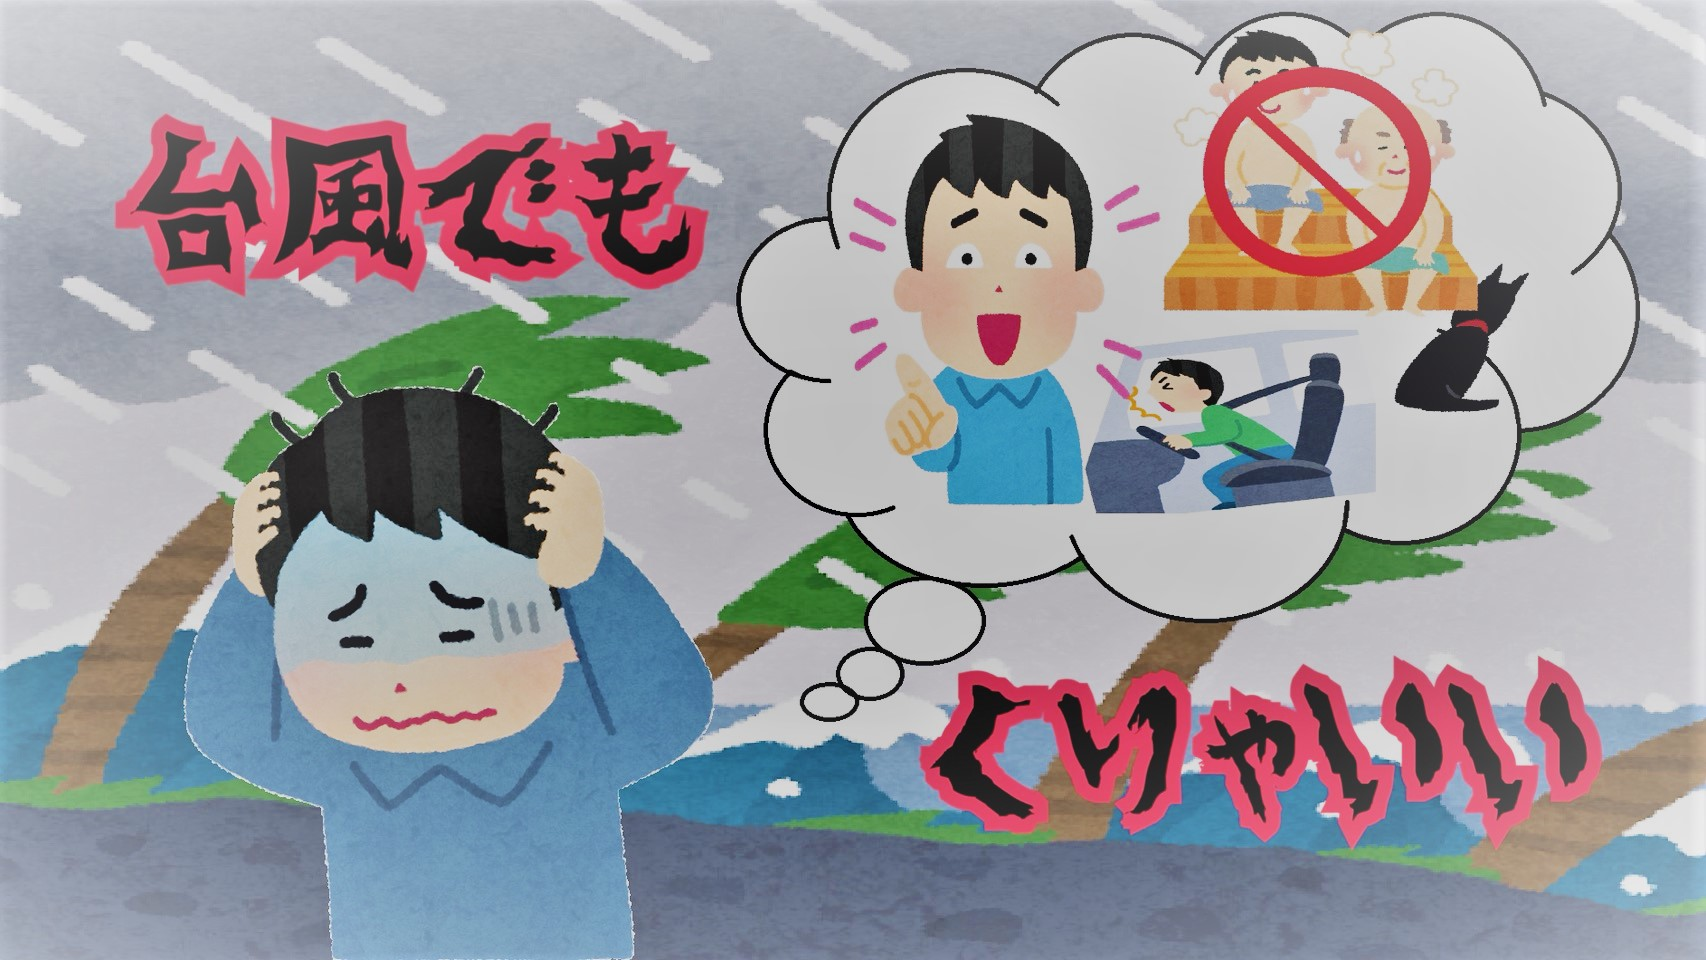 「台風でもくりゃいい」のイメージ